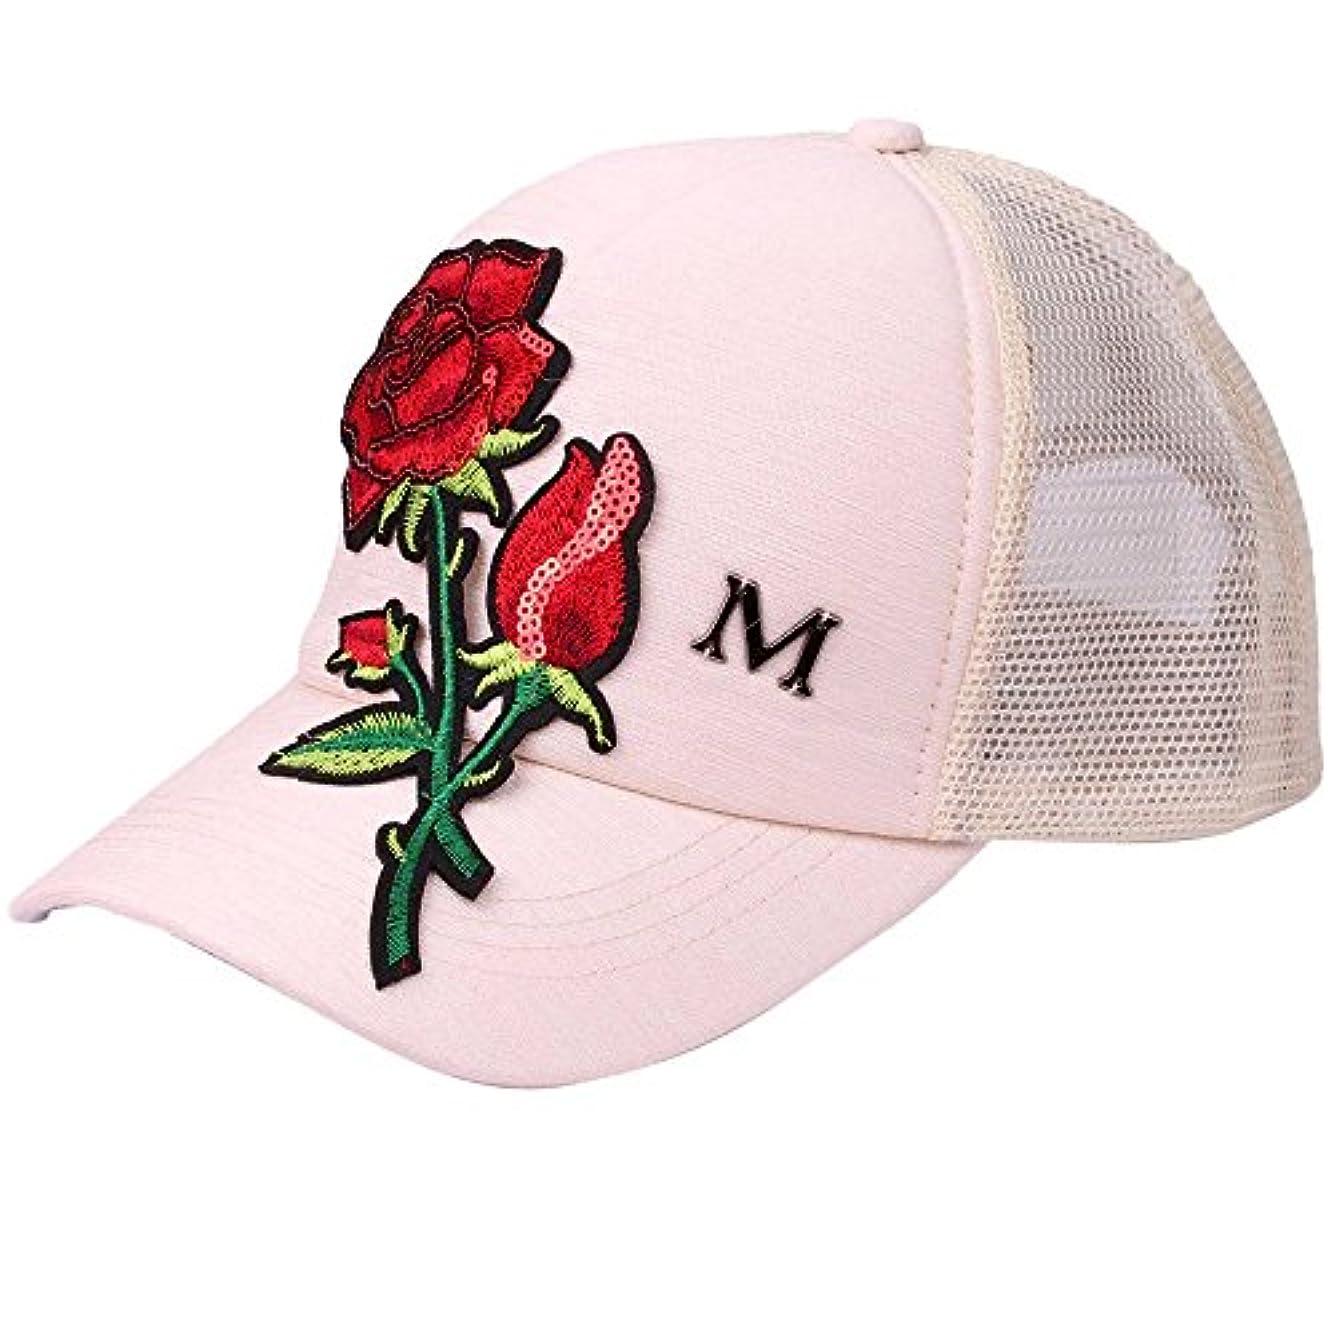 貢献する年金受給者触手Racazing Cap ローズ 刺繍 ヒップホップ 野球帽 通気性のある 帽子 夏 登山 メッシュ 可調整可能 棒球帽 UV 帽子 軽量 屋外 Unisex Hat (ベージュ)